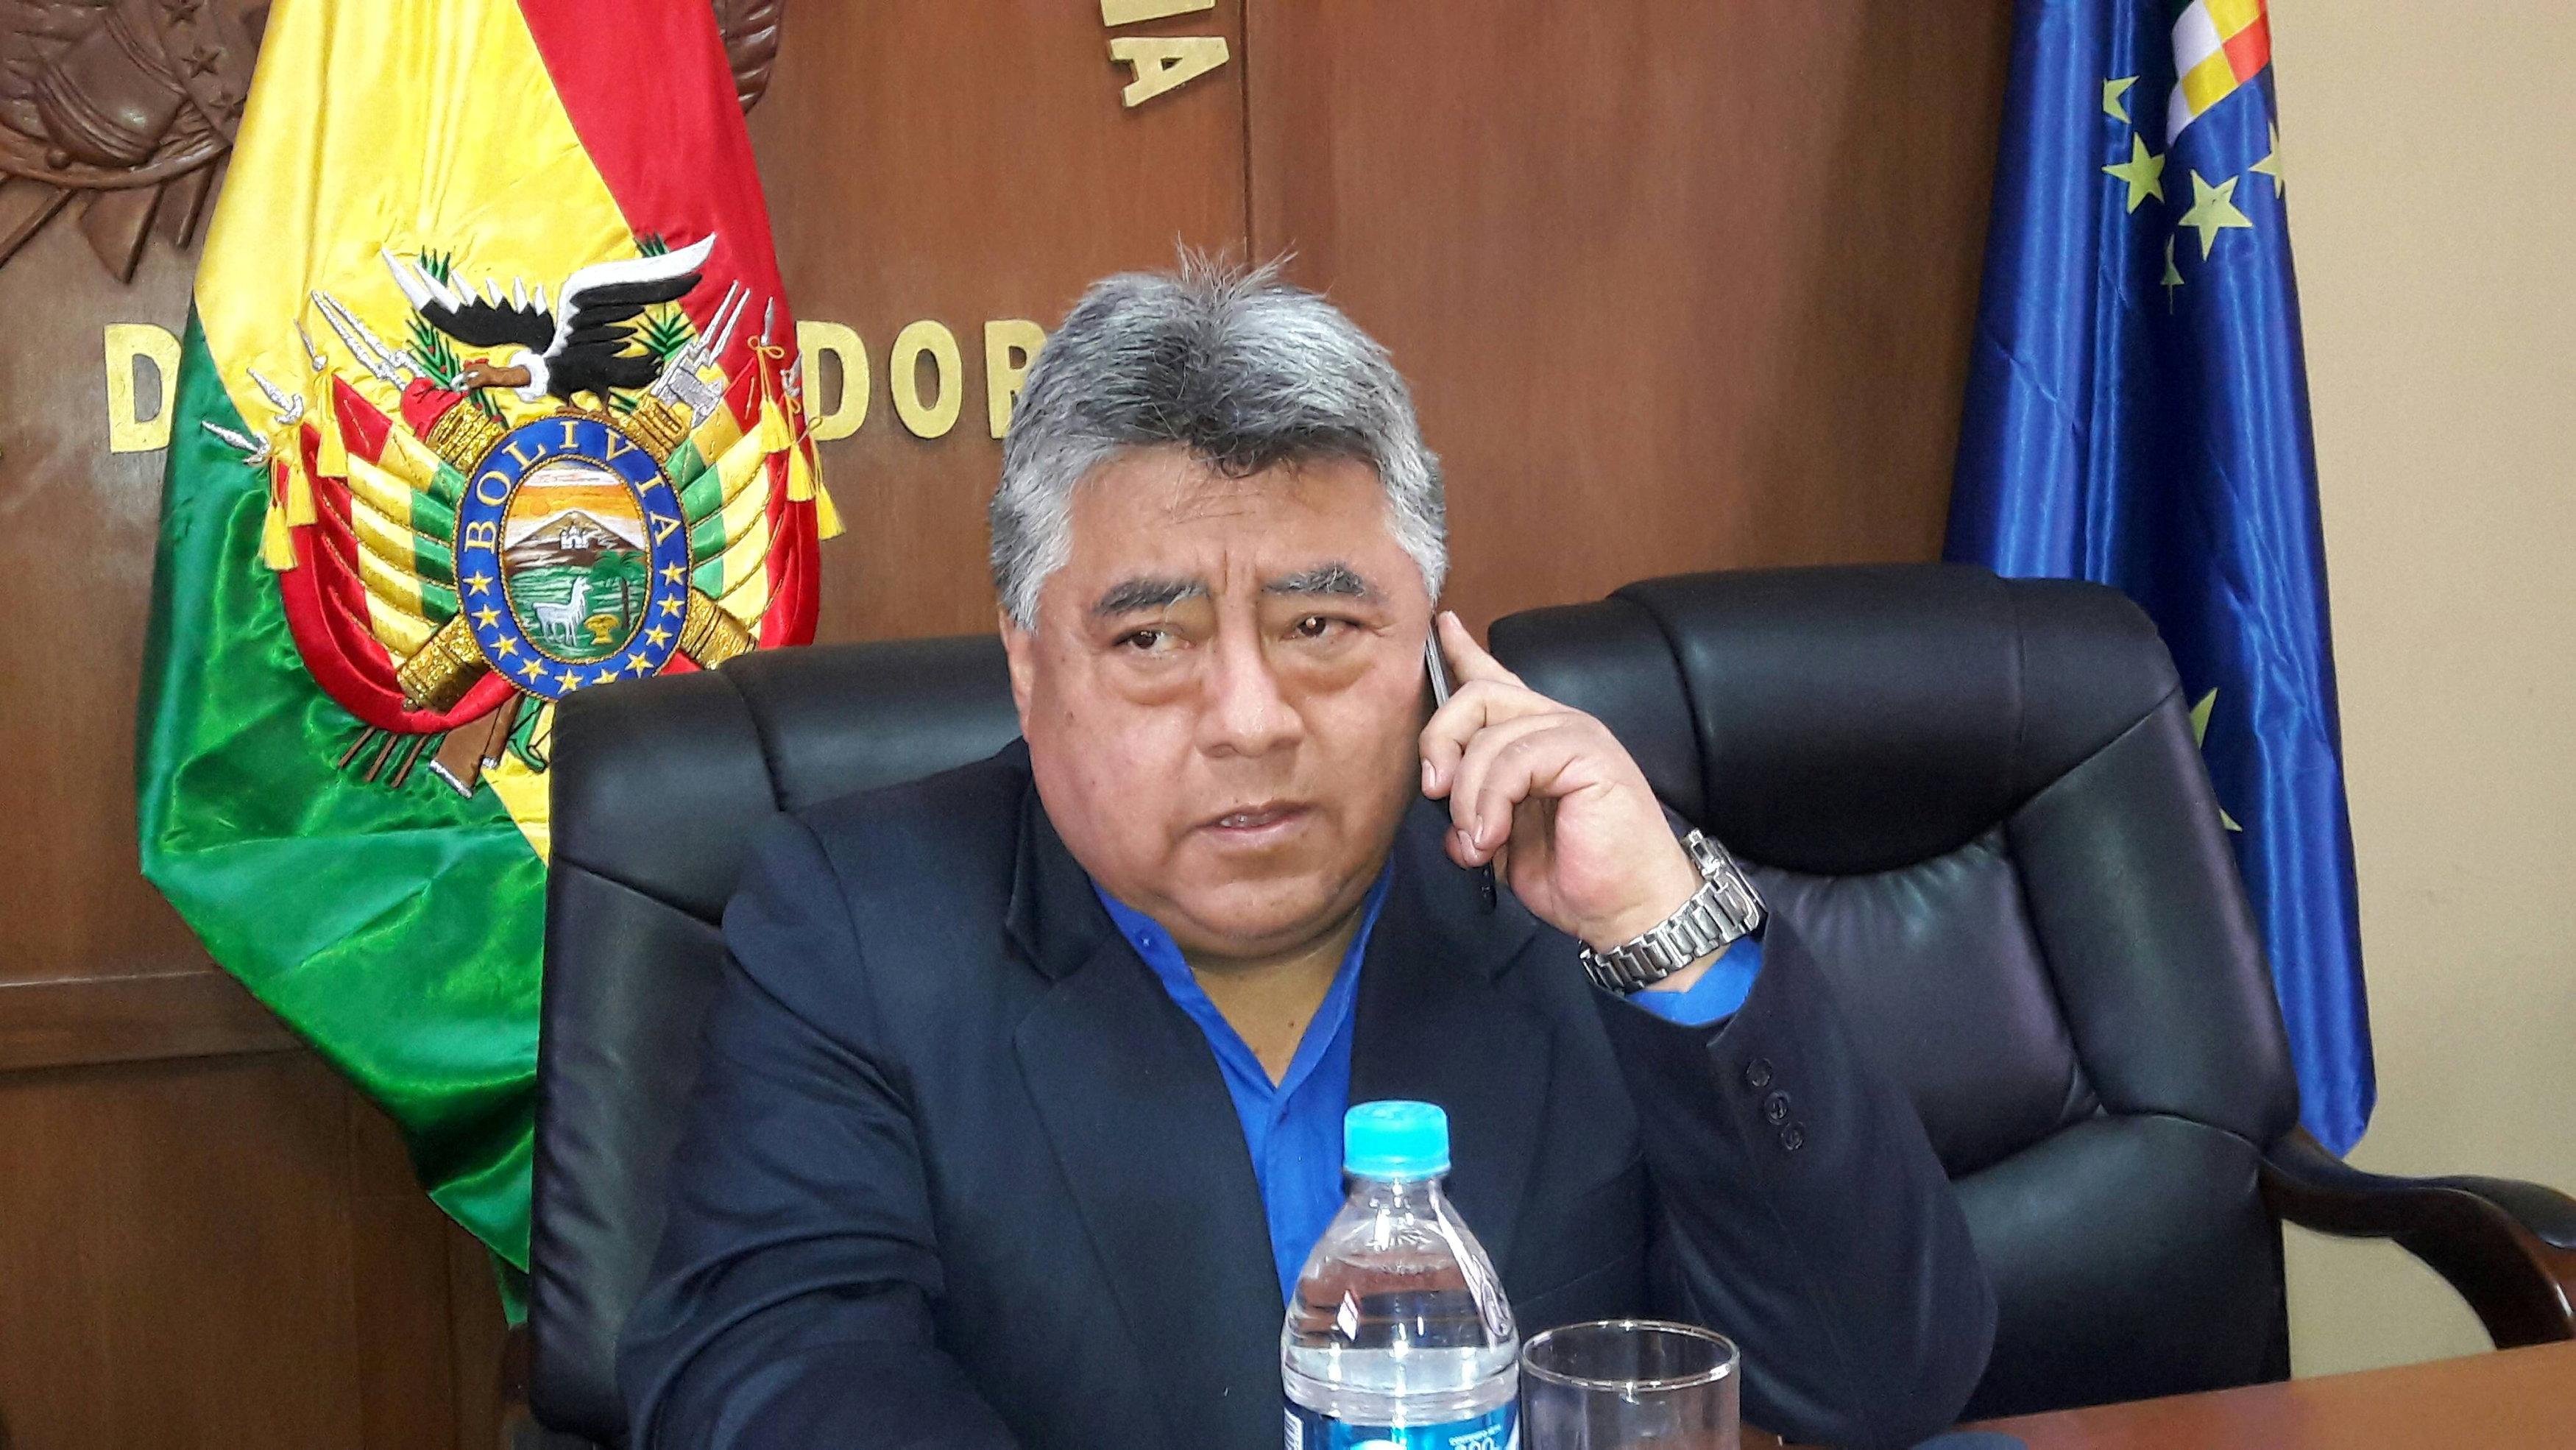 El viceministro Rodolfo Illanes fue tomado como rehén y posteriormente asesinado a golpes durante protesta minera